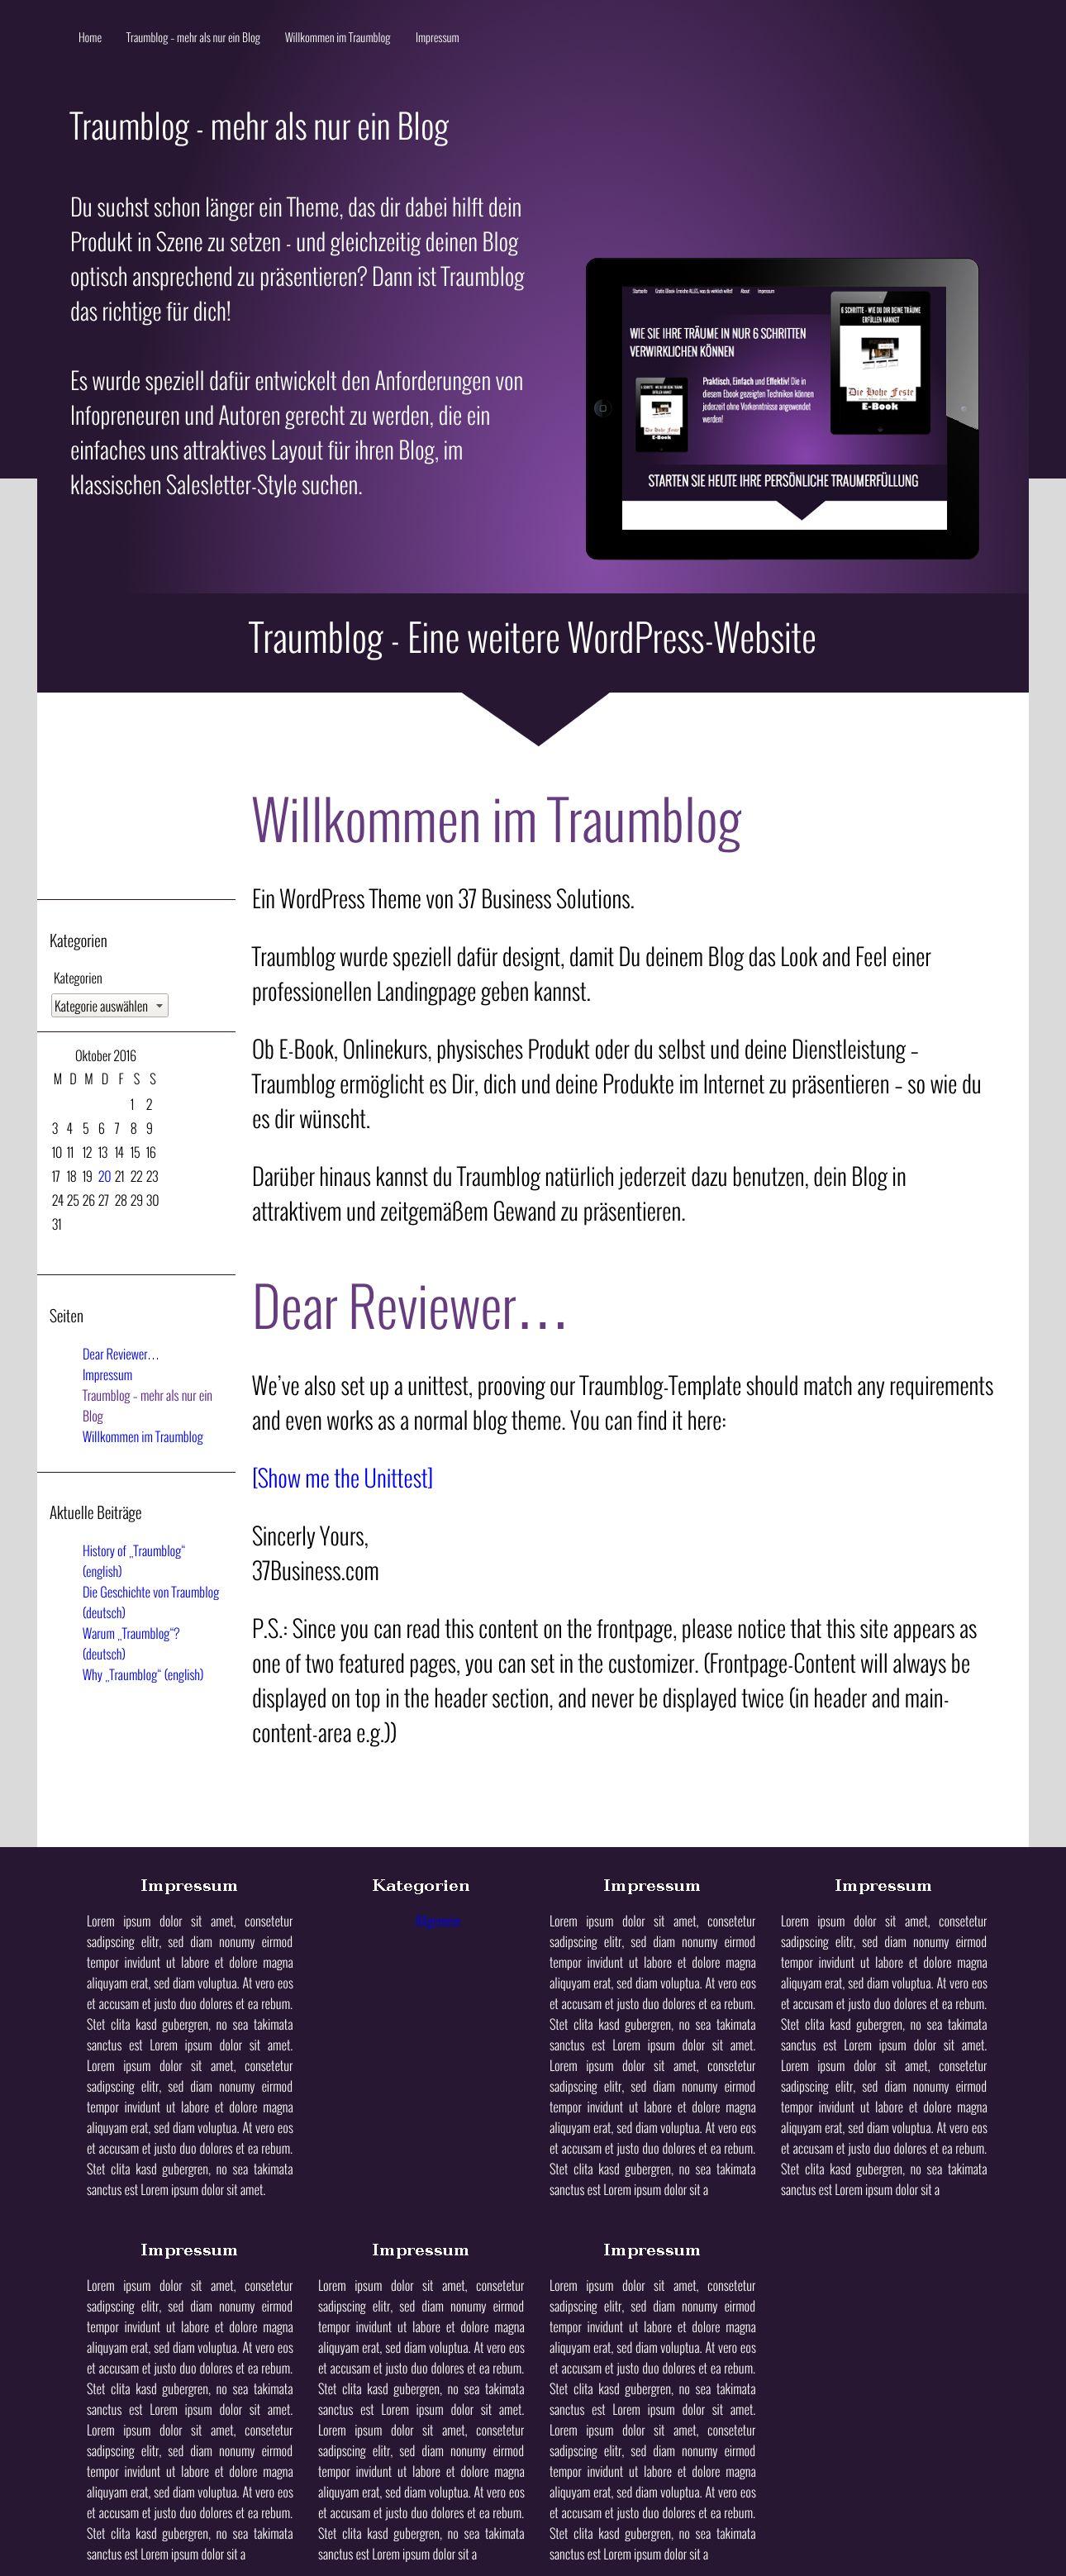 Großartig Vorlage Wordpress Kostenlos Ansprechend Ideen - Entry ...